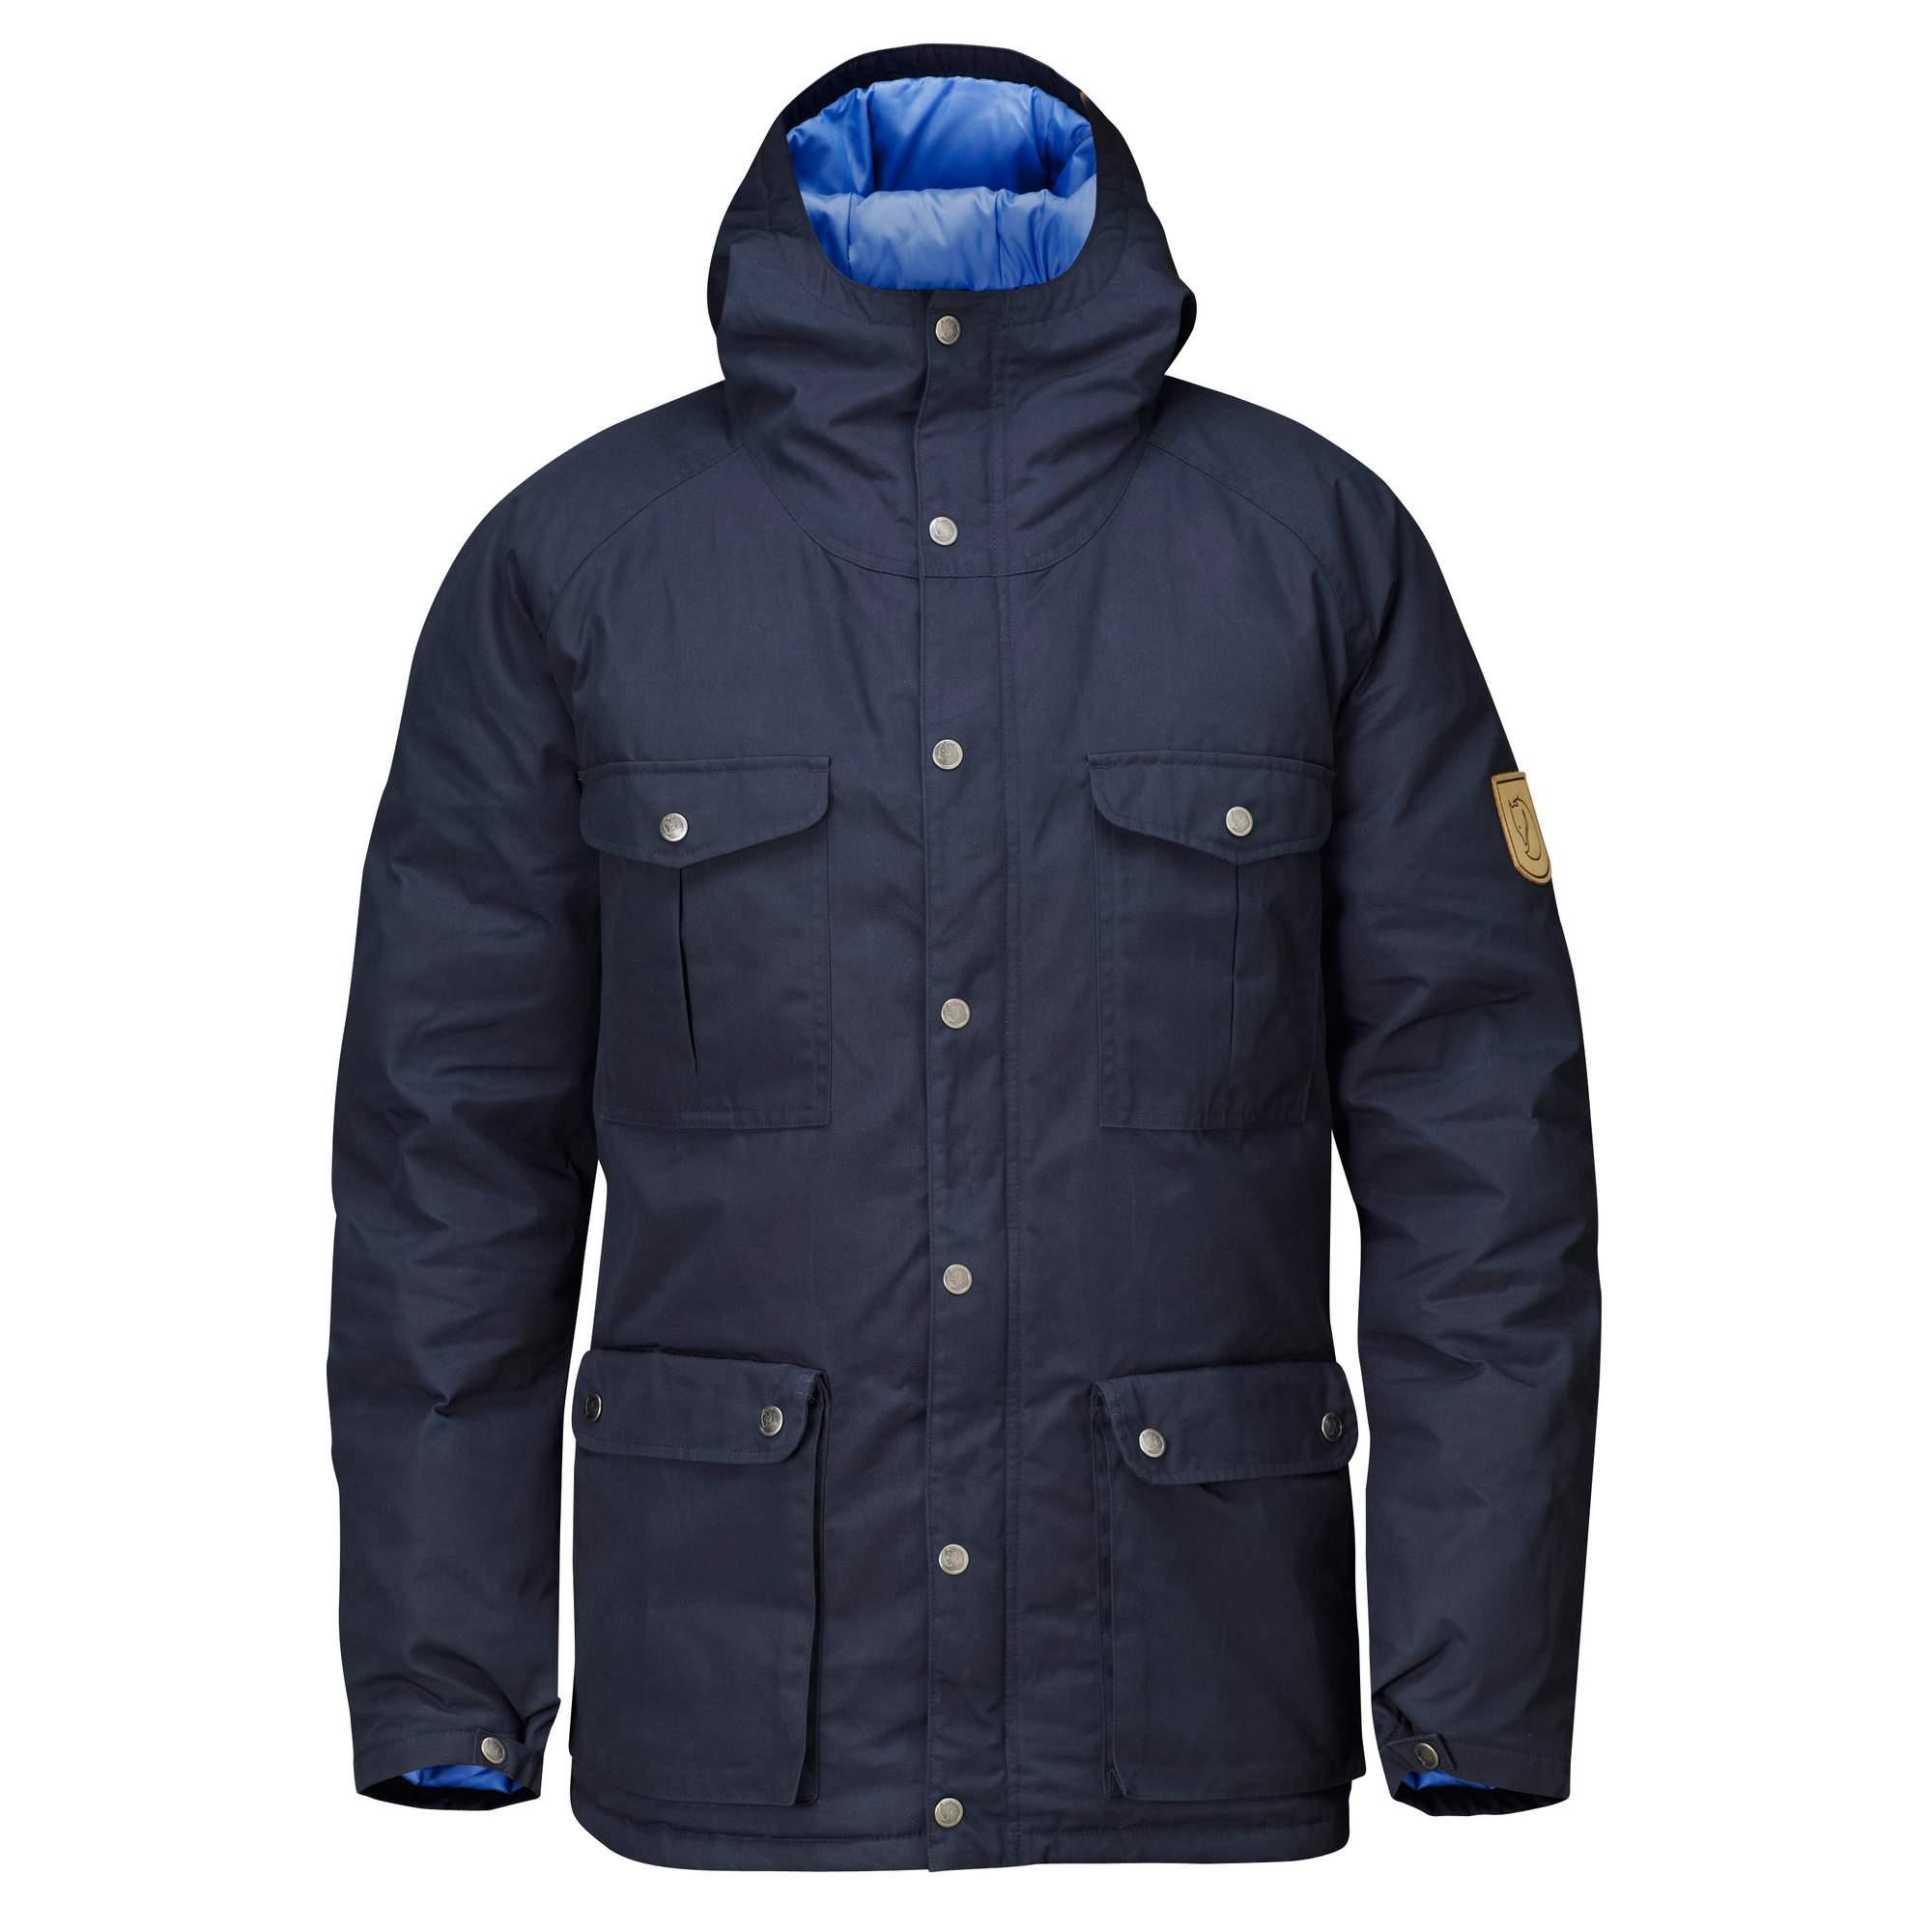 Fjällräven Greenland Down Jacket Männer Gr. XL - Daunenjacke - blau